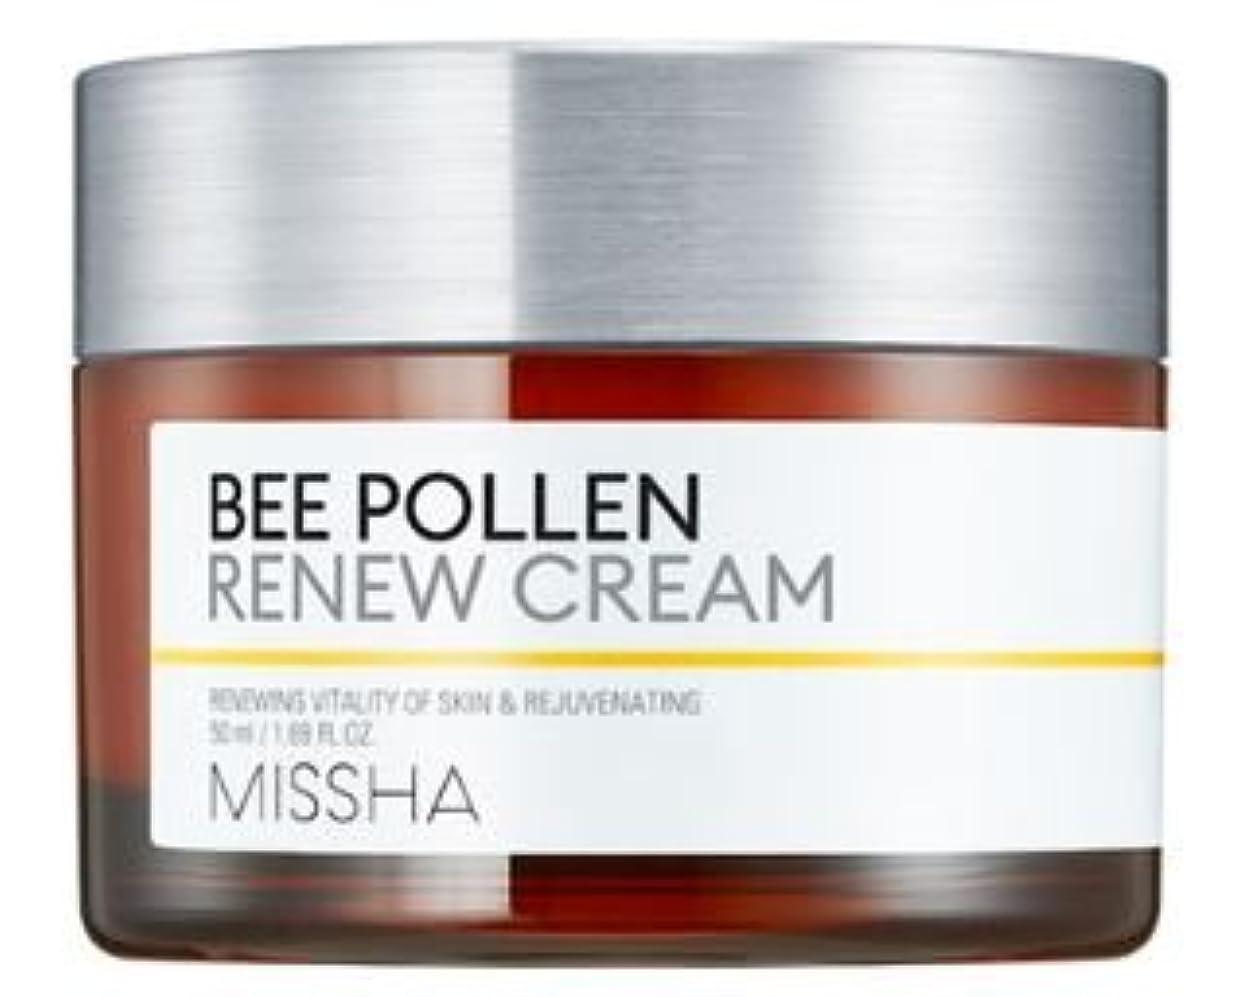 遅いリングバック戻る[Missha] Bee Pollen Renew Cream 50ml/[ミシャ] ビーポレンリニュークリーム50ml [並行輸入品]